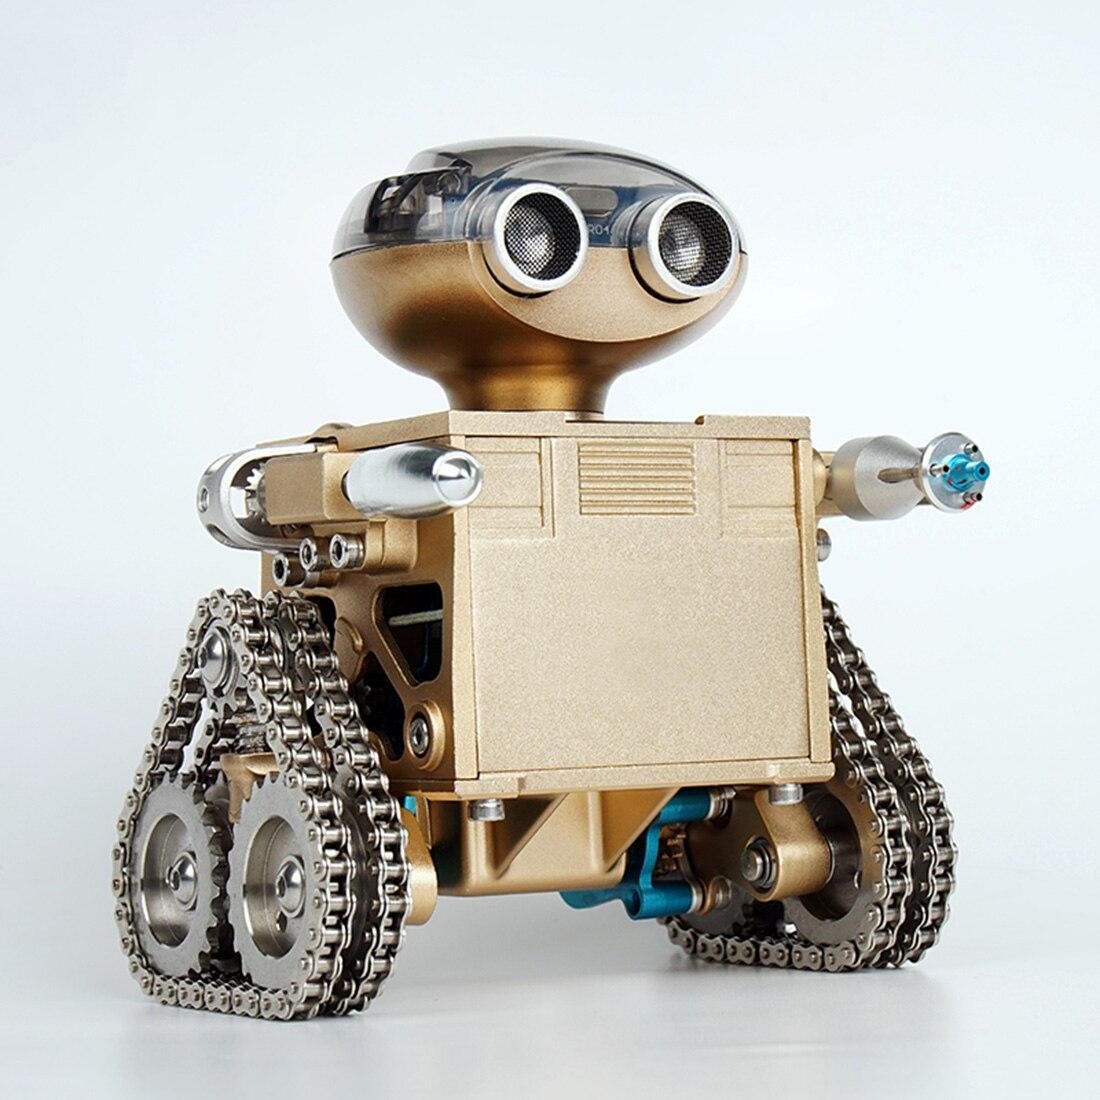 Bluetooth металлический Электрический двигатель управление интеллектуальный пульт дистанционного управления робот сборка модели игрушки DIY Р